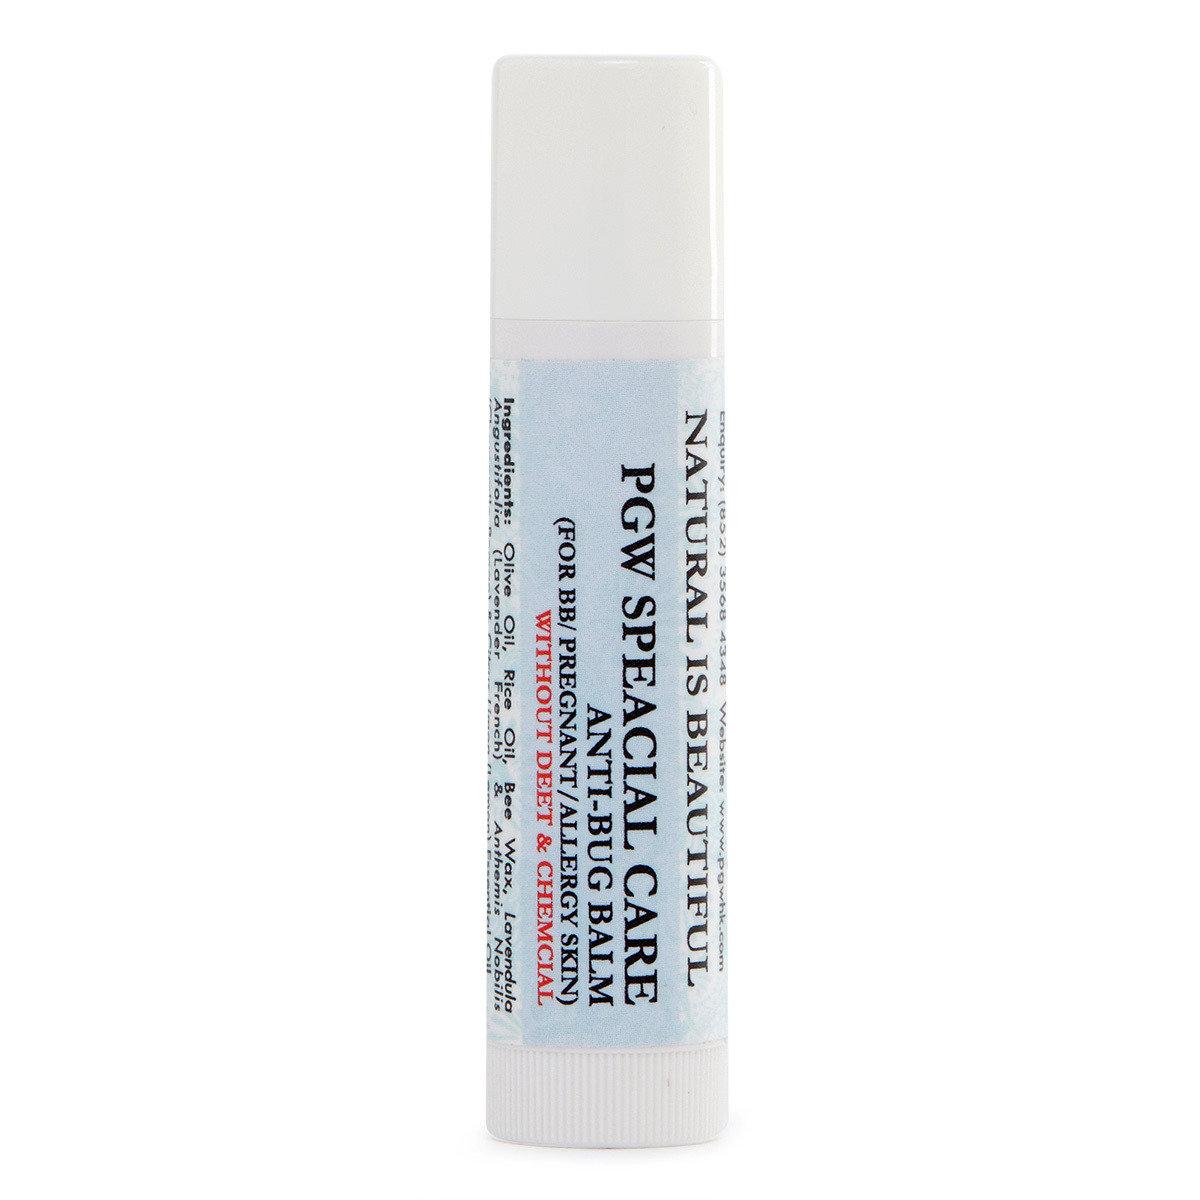 驅蚊膏(嬰兒、孕婦及過敏皮膚適用配方)